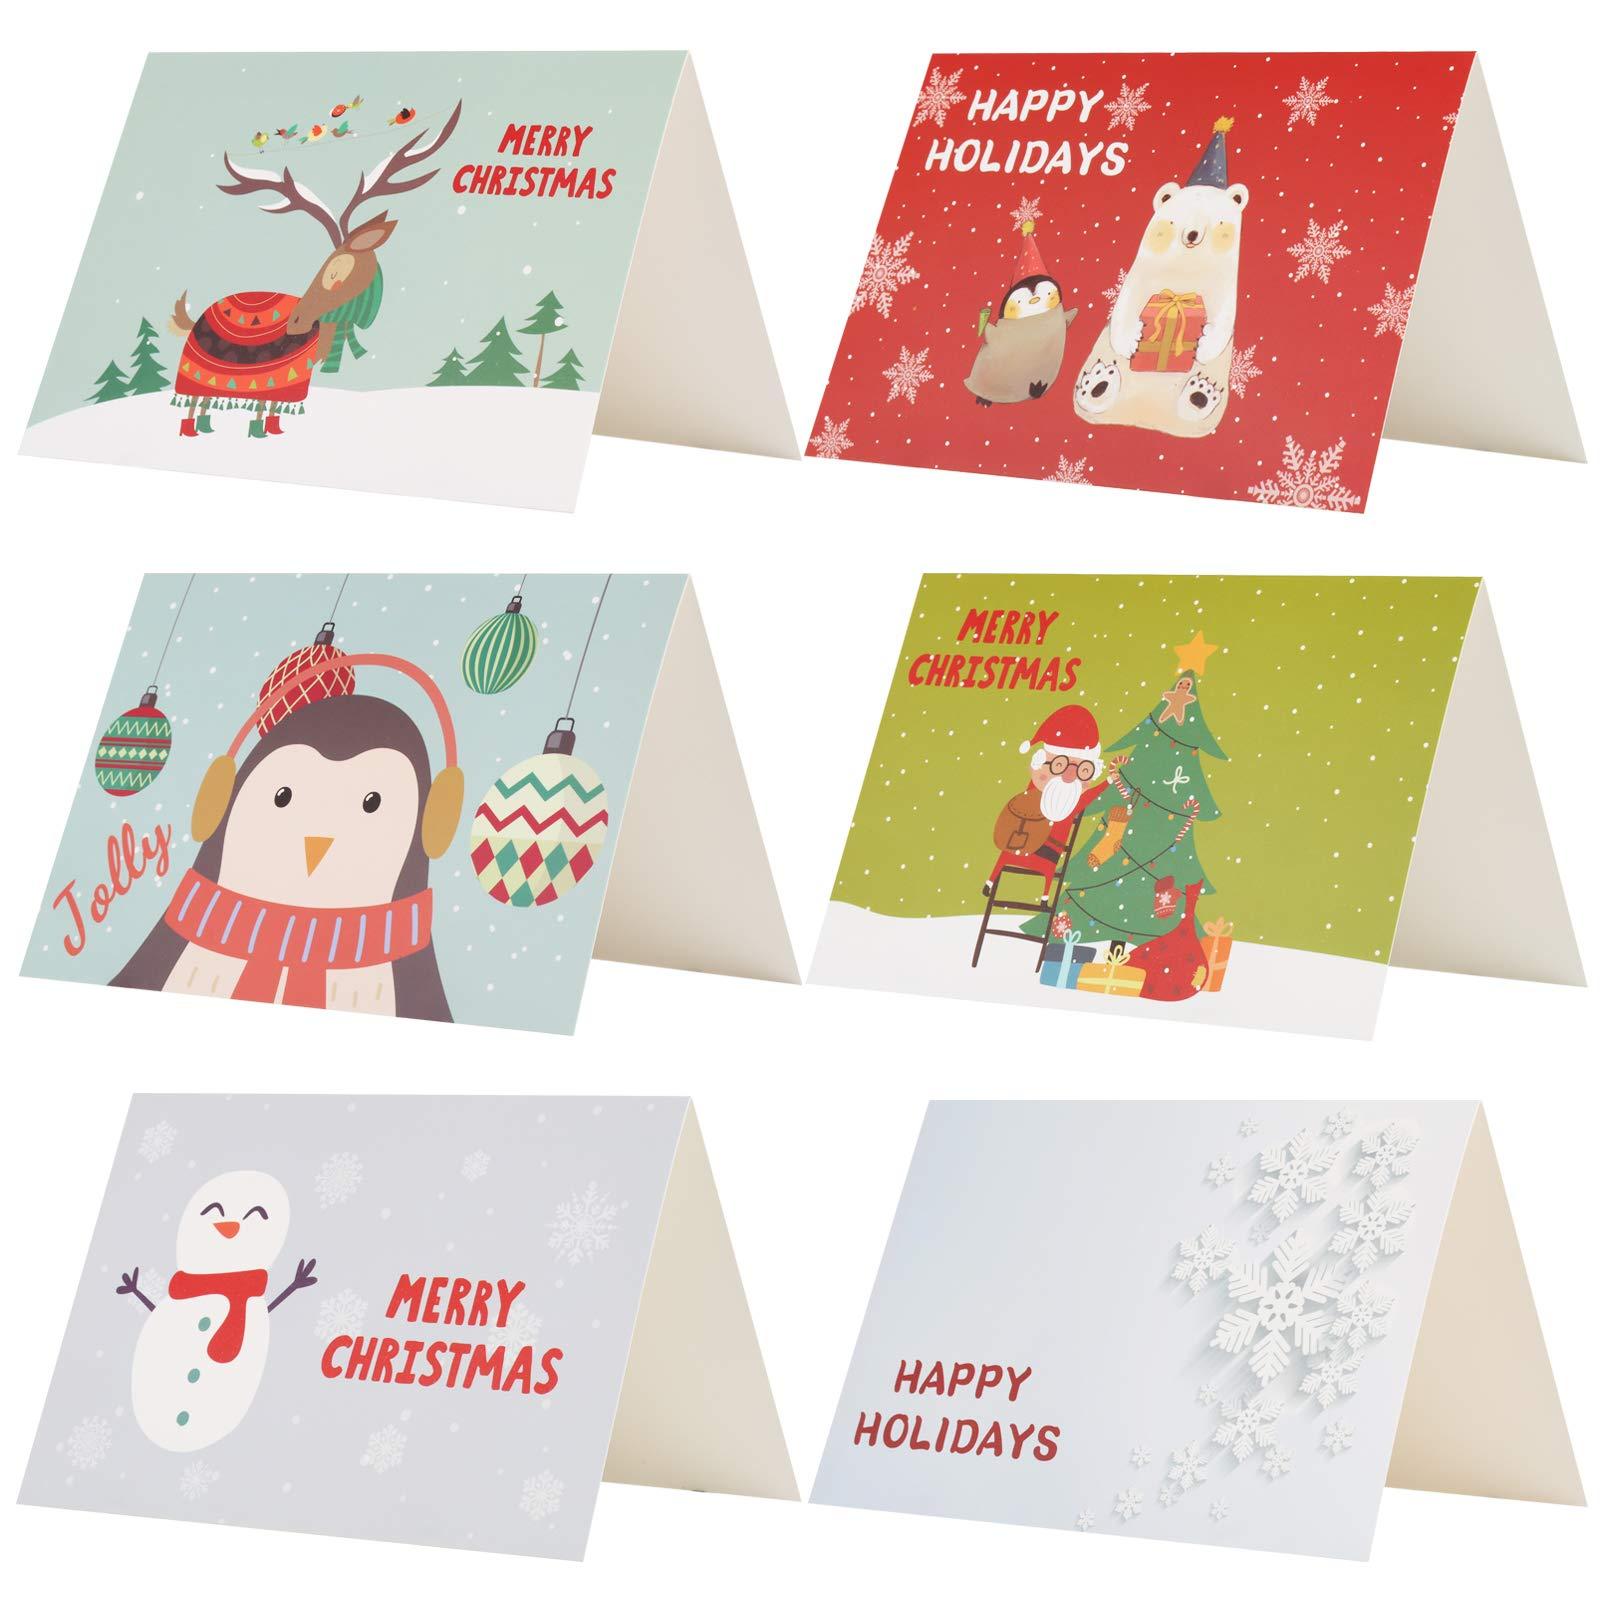 Kesote 24 Piezas de Tarjetas de Navidad de 6 Modelos con Diseños de Flores 24 Tarjetas + 24 Pegatinas Navideñas + 24 Sobres: Amazon.es: Oficina y papelería